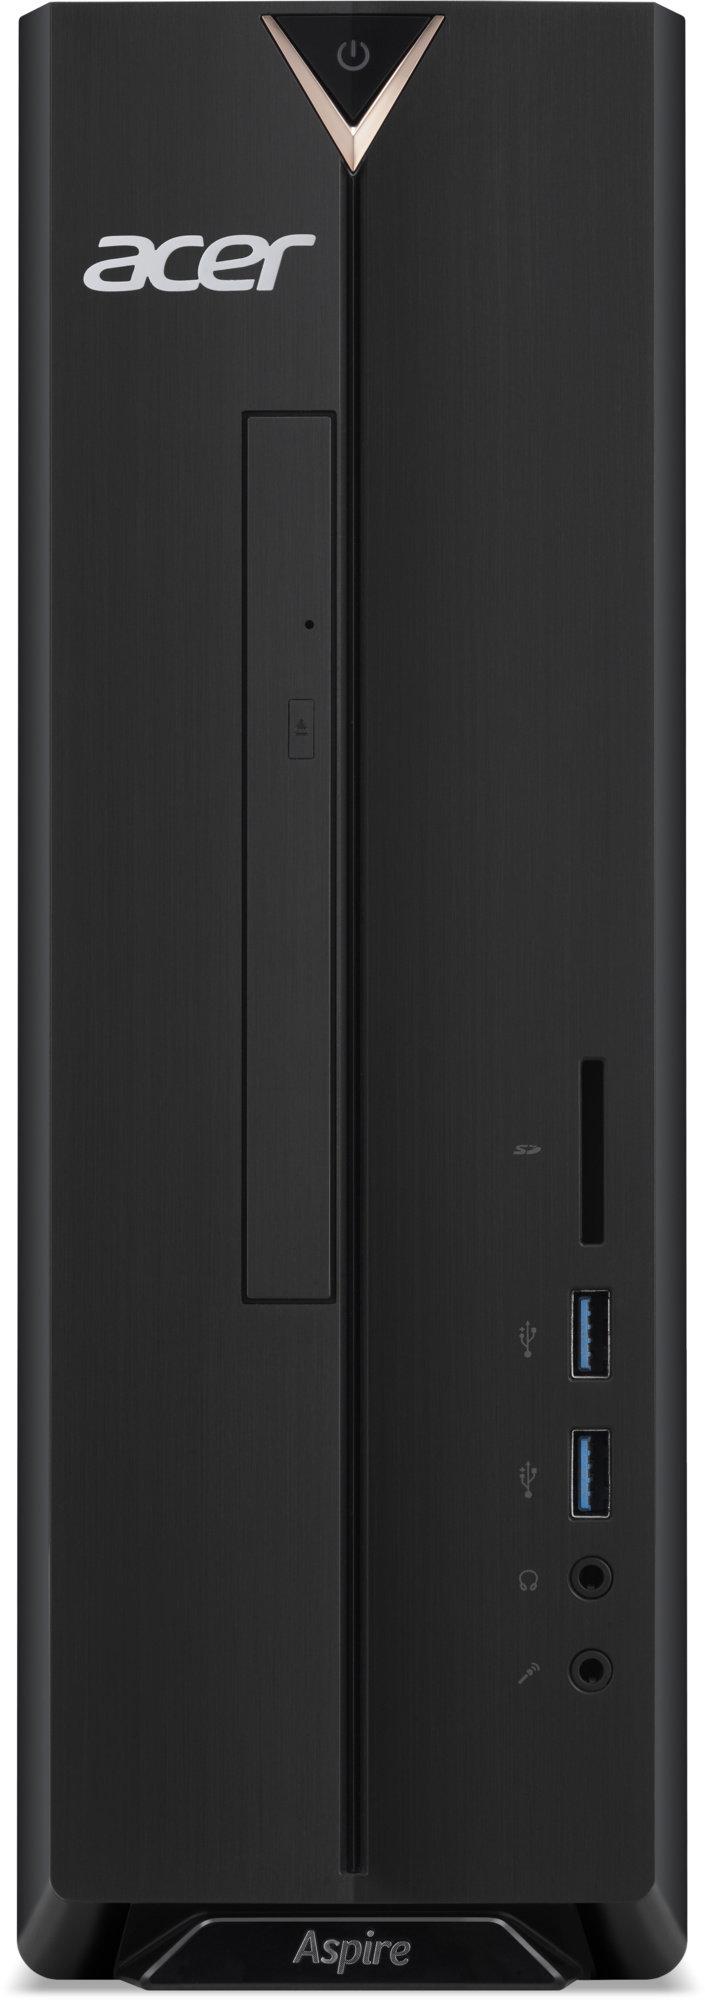 Acer Aspire XC-330, černá Servisní pohotovost – Vylepšený servis PC a NTB ZDARMA (DT.BD2EC.005) - obrázek č. 0